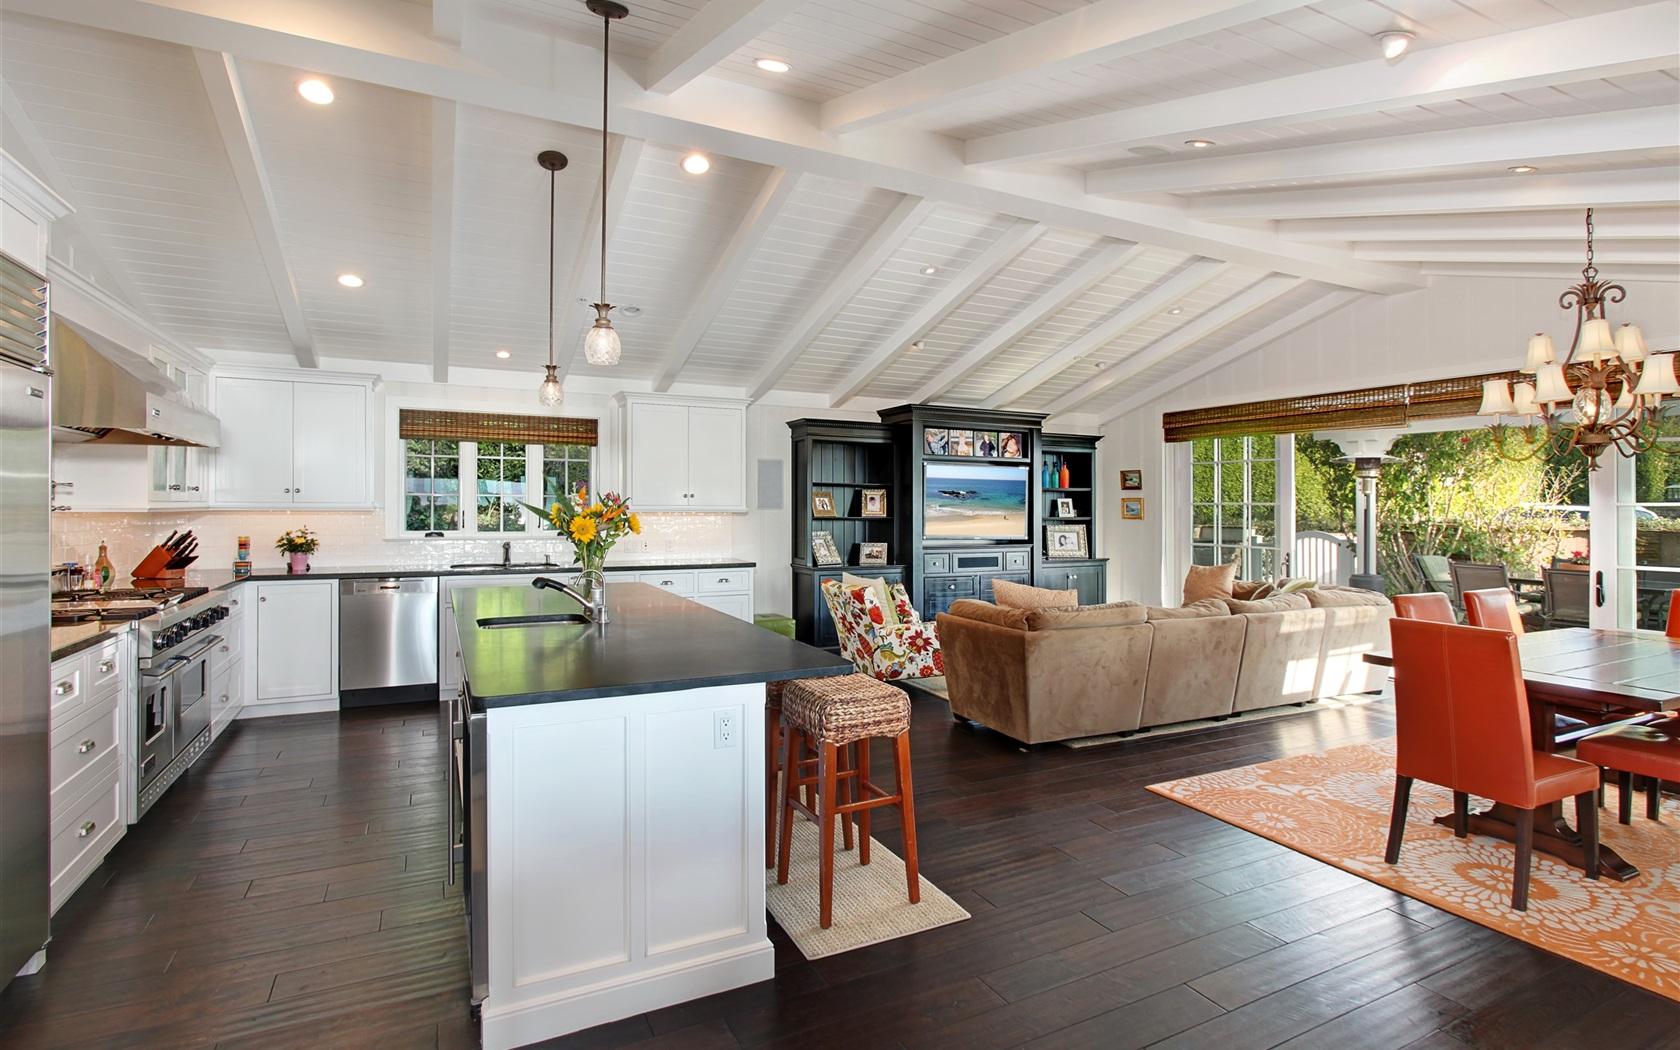 Design de interiores sala de estar cozinha lustre Papéis de Parede  #965C35 1680 1050